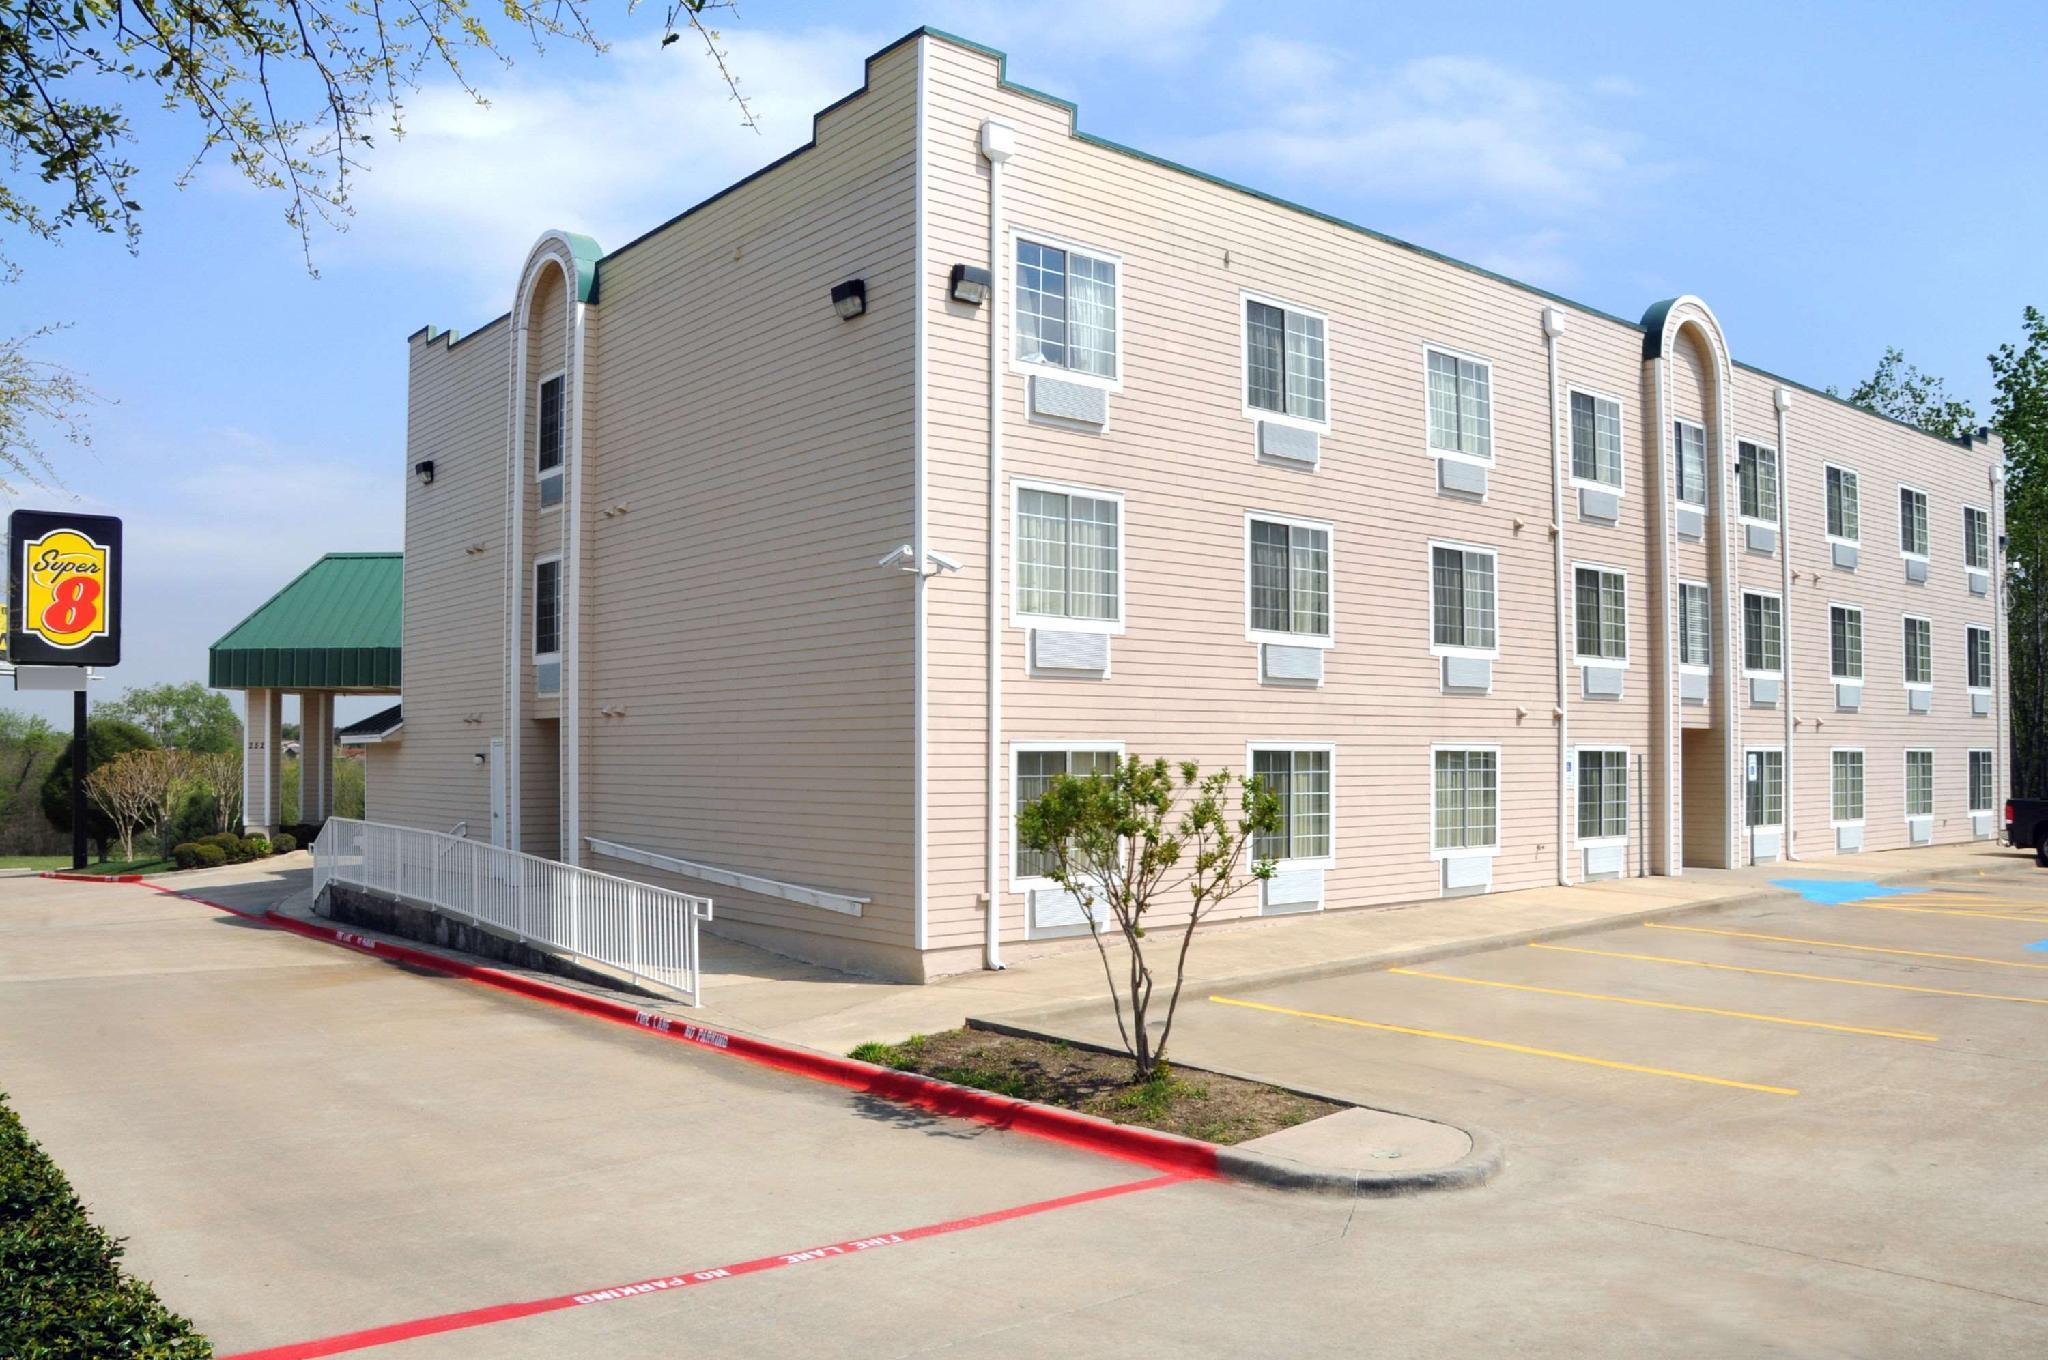 Super 8 By Wyndham Garland Rowlett East Dallas Area